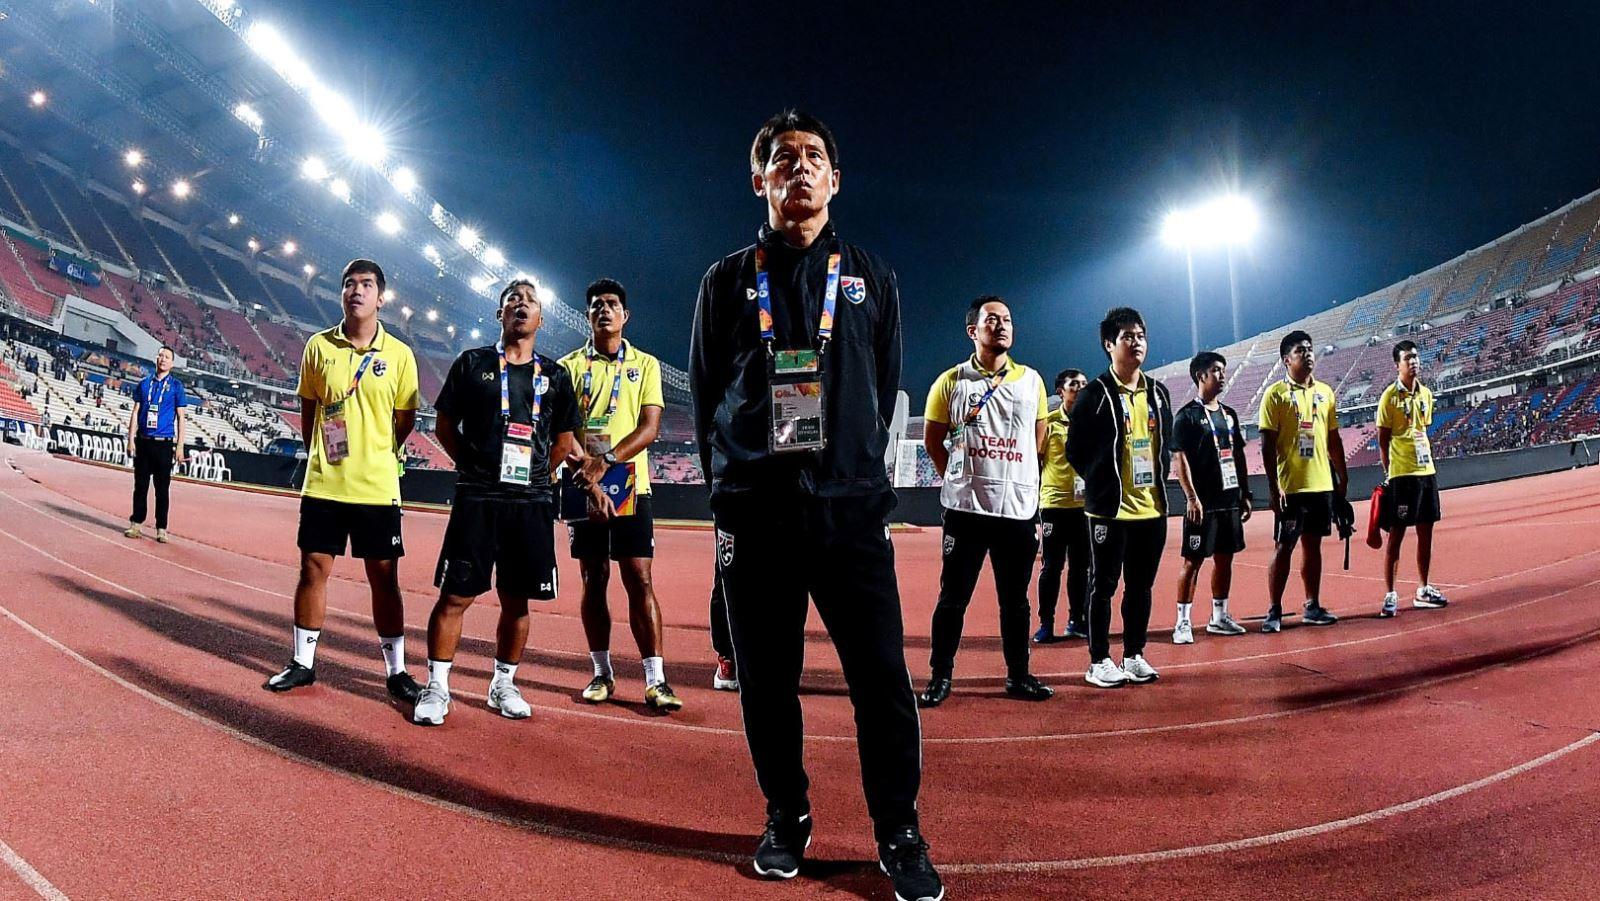 lich thi dau u23 chau a 2020, lịch thi đấu U23 VN châu Á 2020, lịch thi đấu U23 Việt Nam, lịch thi đấu bóng đá U-23 châu Á, VTV6, truc tiep bong da, U23 Việt Nam, U23 VN